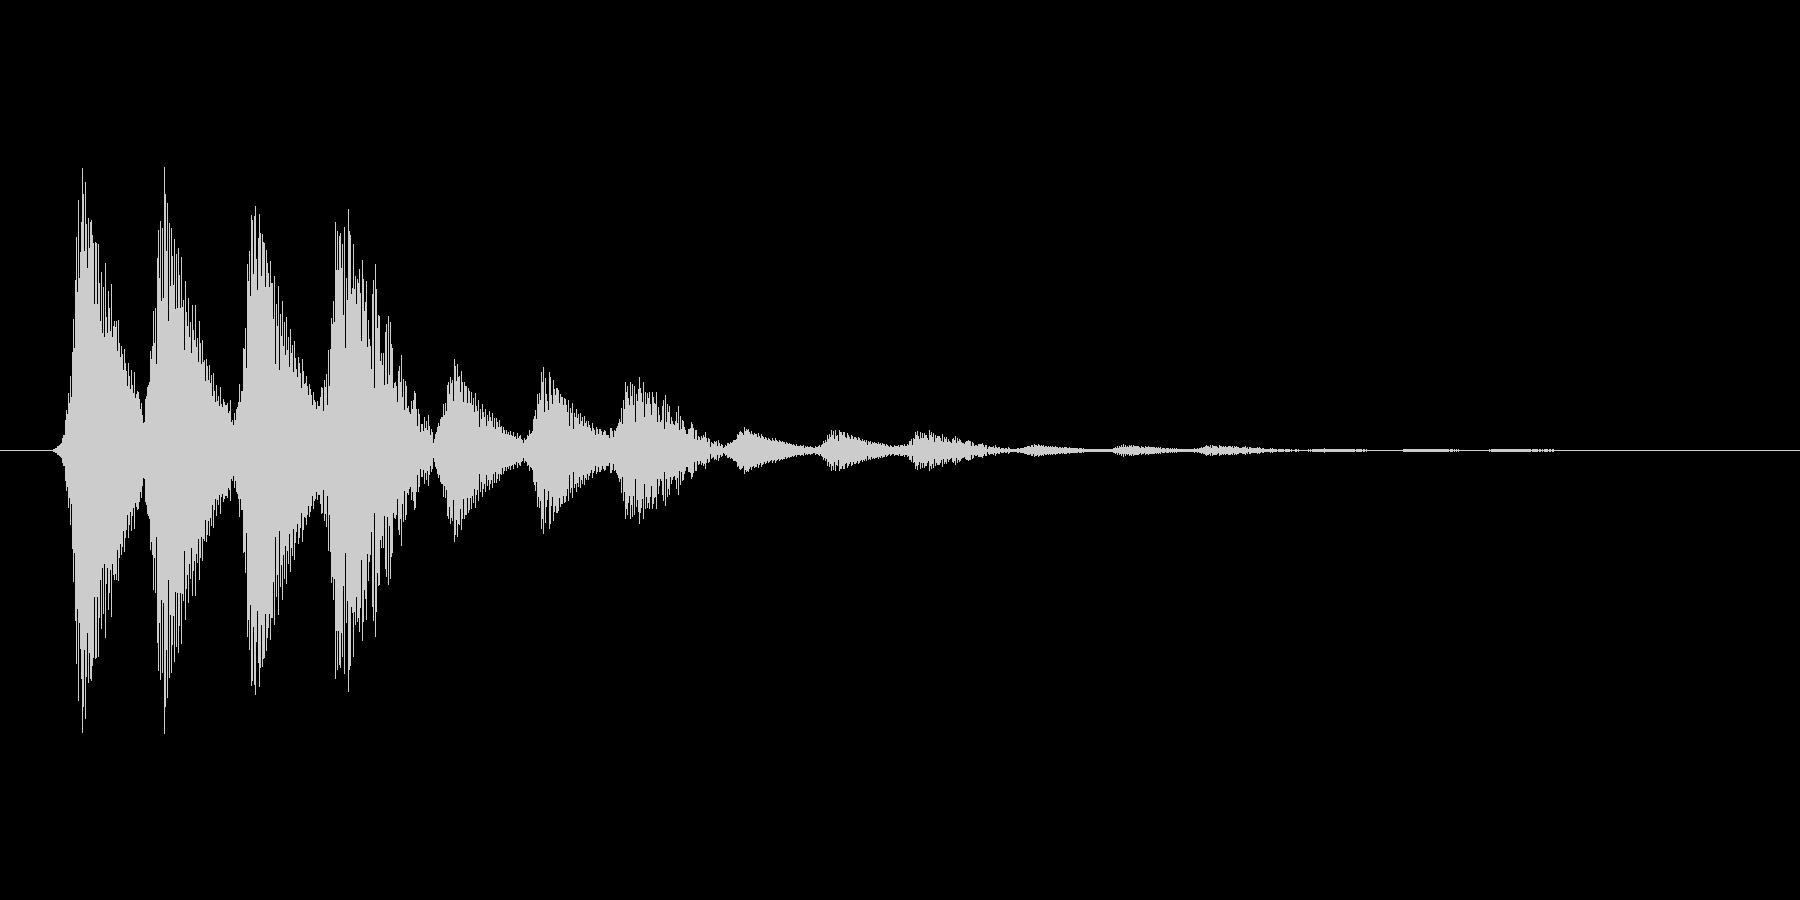 ファミコン風効果音 キャンセル系 11の未再生の波形